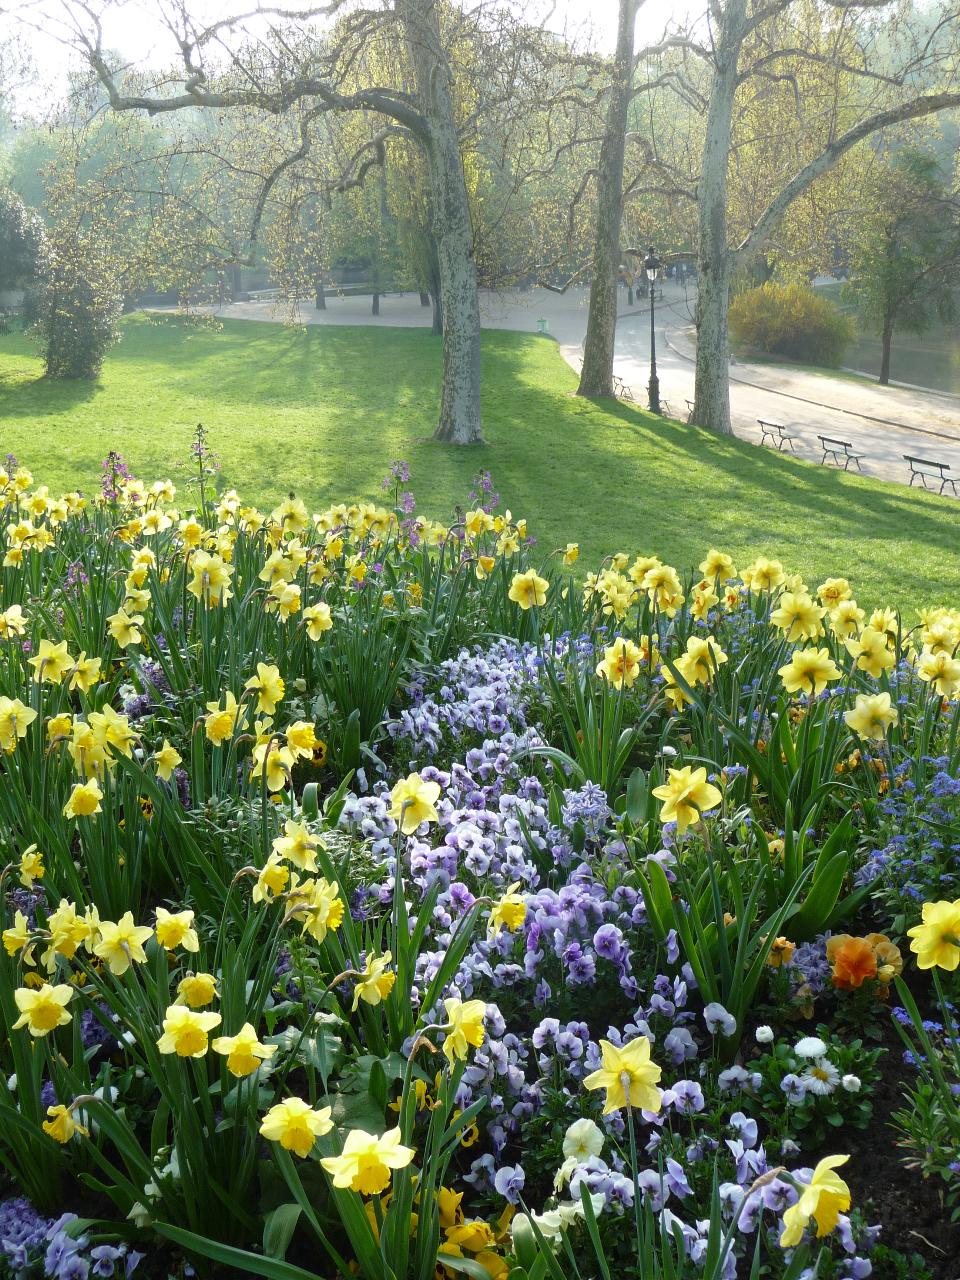 Les floraisons printanières dans les jardins de Paris